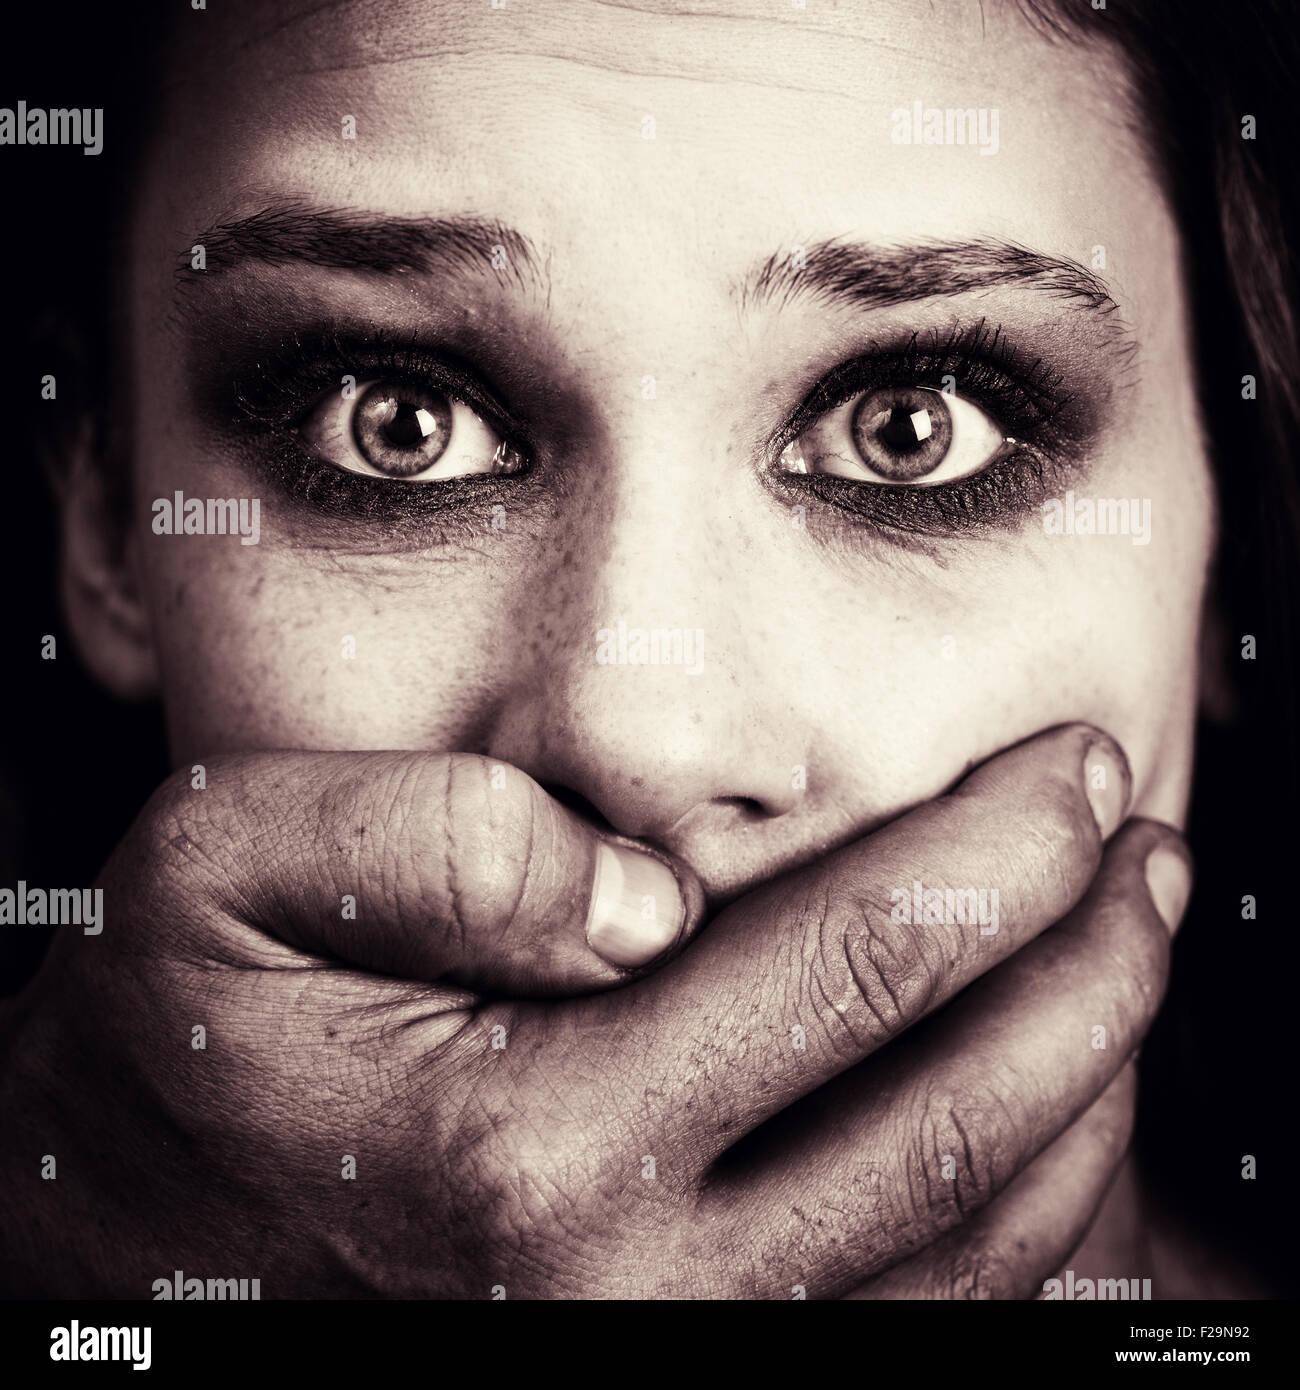 Peur femme victime de la torture et de la violence Photo Stock